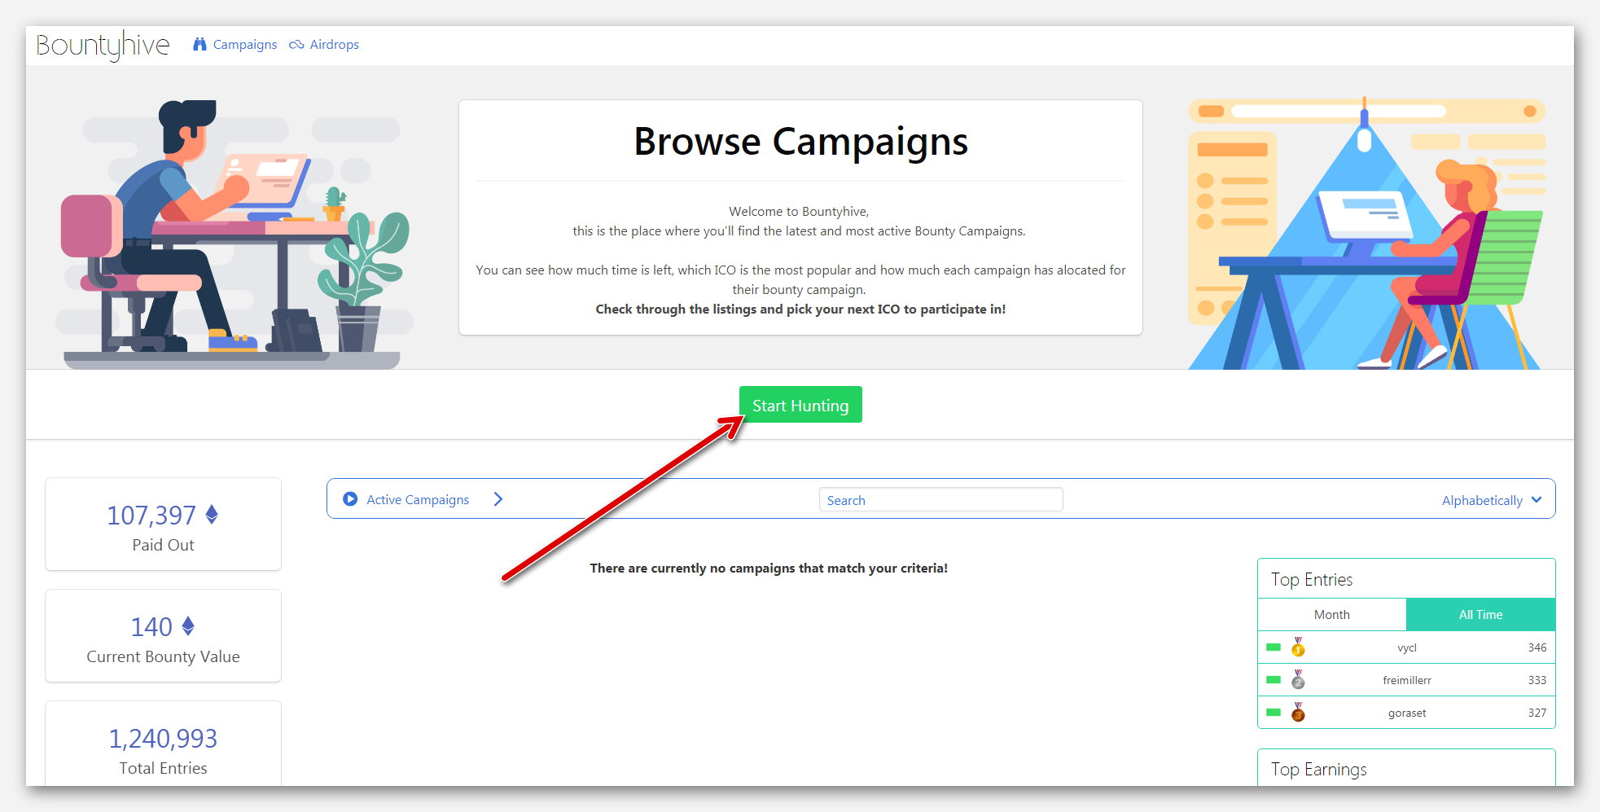 Регистрации на платформе BountyHive, проект о Bounty кампаниях